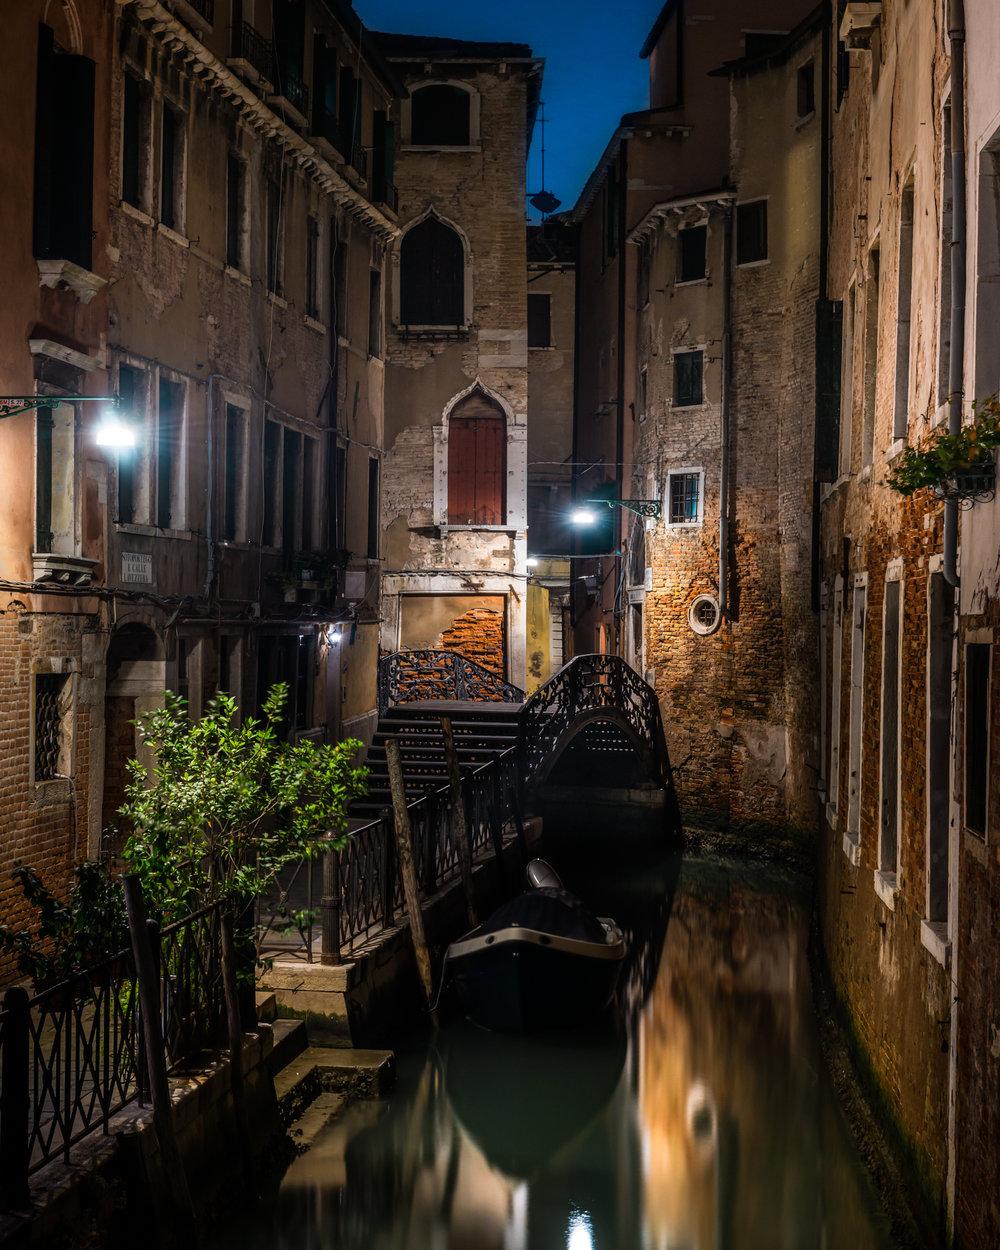 Italy_121517._CVB0775-Edit-Edit.jpg